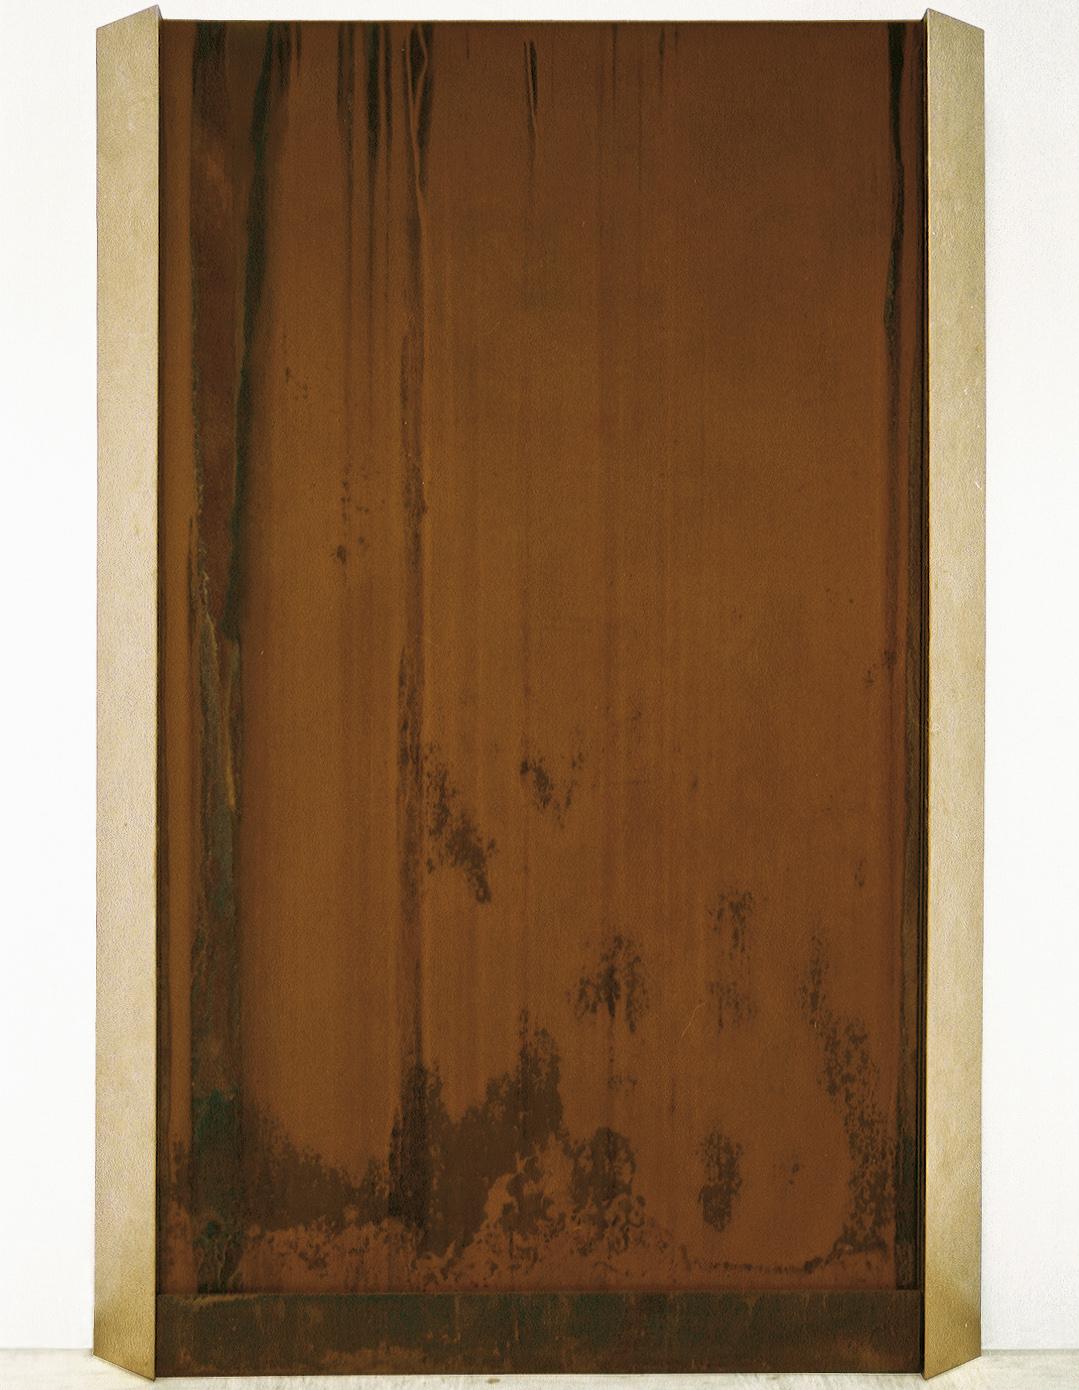 L'hommage à Štefan Smej, železo, les,  tekoča voda, 255 x 190 x 23 cm, 1998